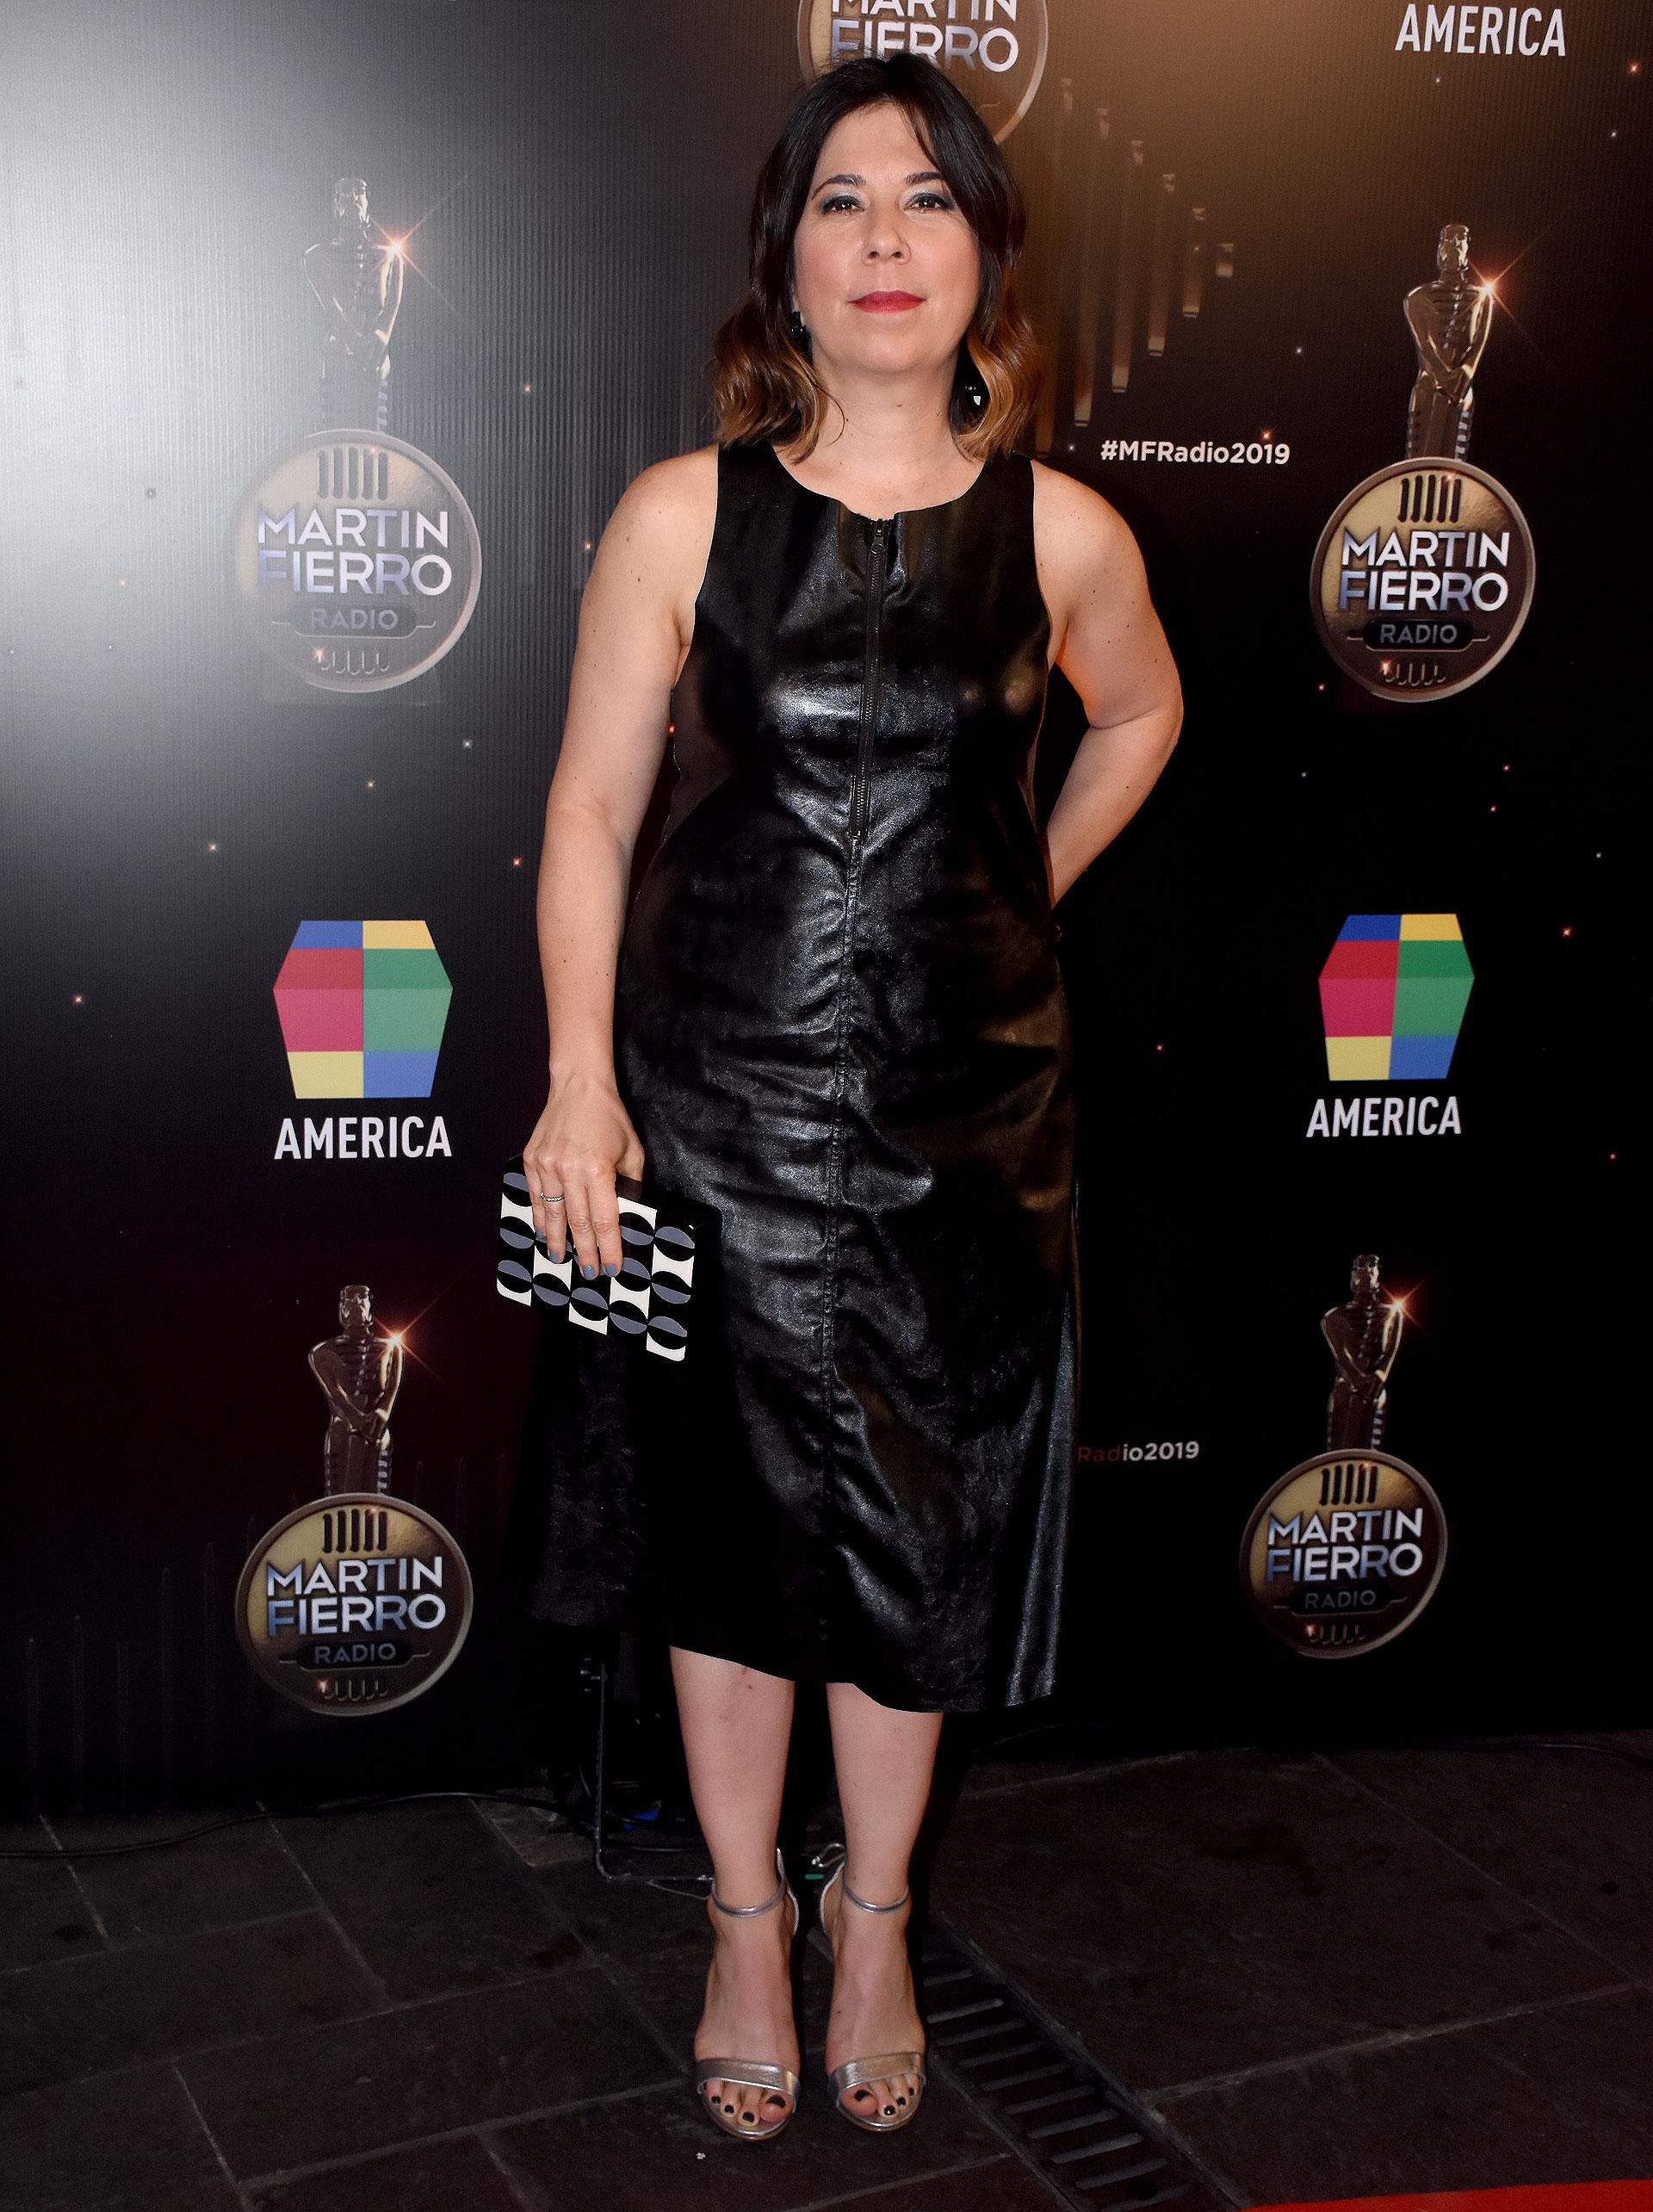 María O' Donnell